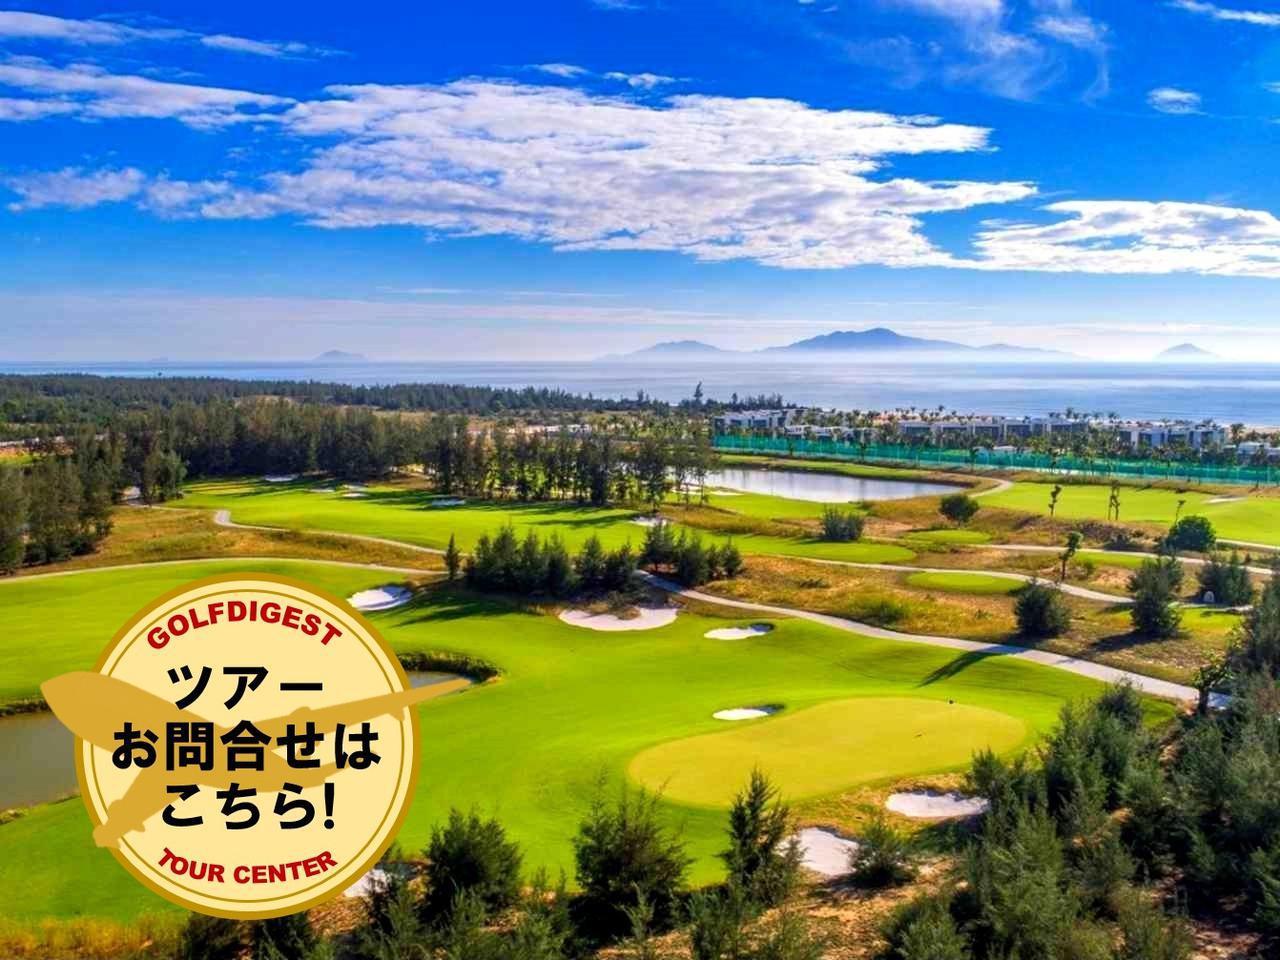 画像: 【ベトナム・ダナン】オーシャンリゾートの特選コースでスペシャルコンペ 5日間 2プレー(添乗員同行/一人予約可能) - ゴルフへ行こうWEB by ゴルフダイジェスト